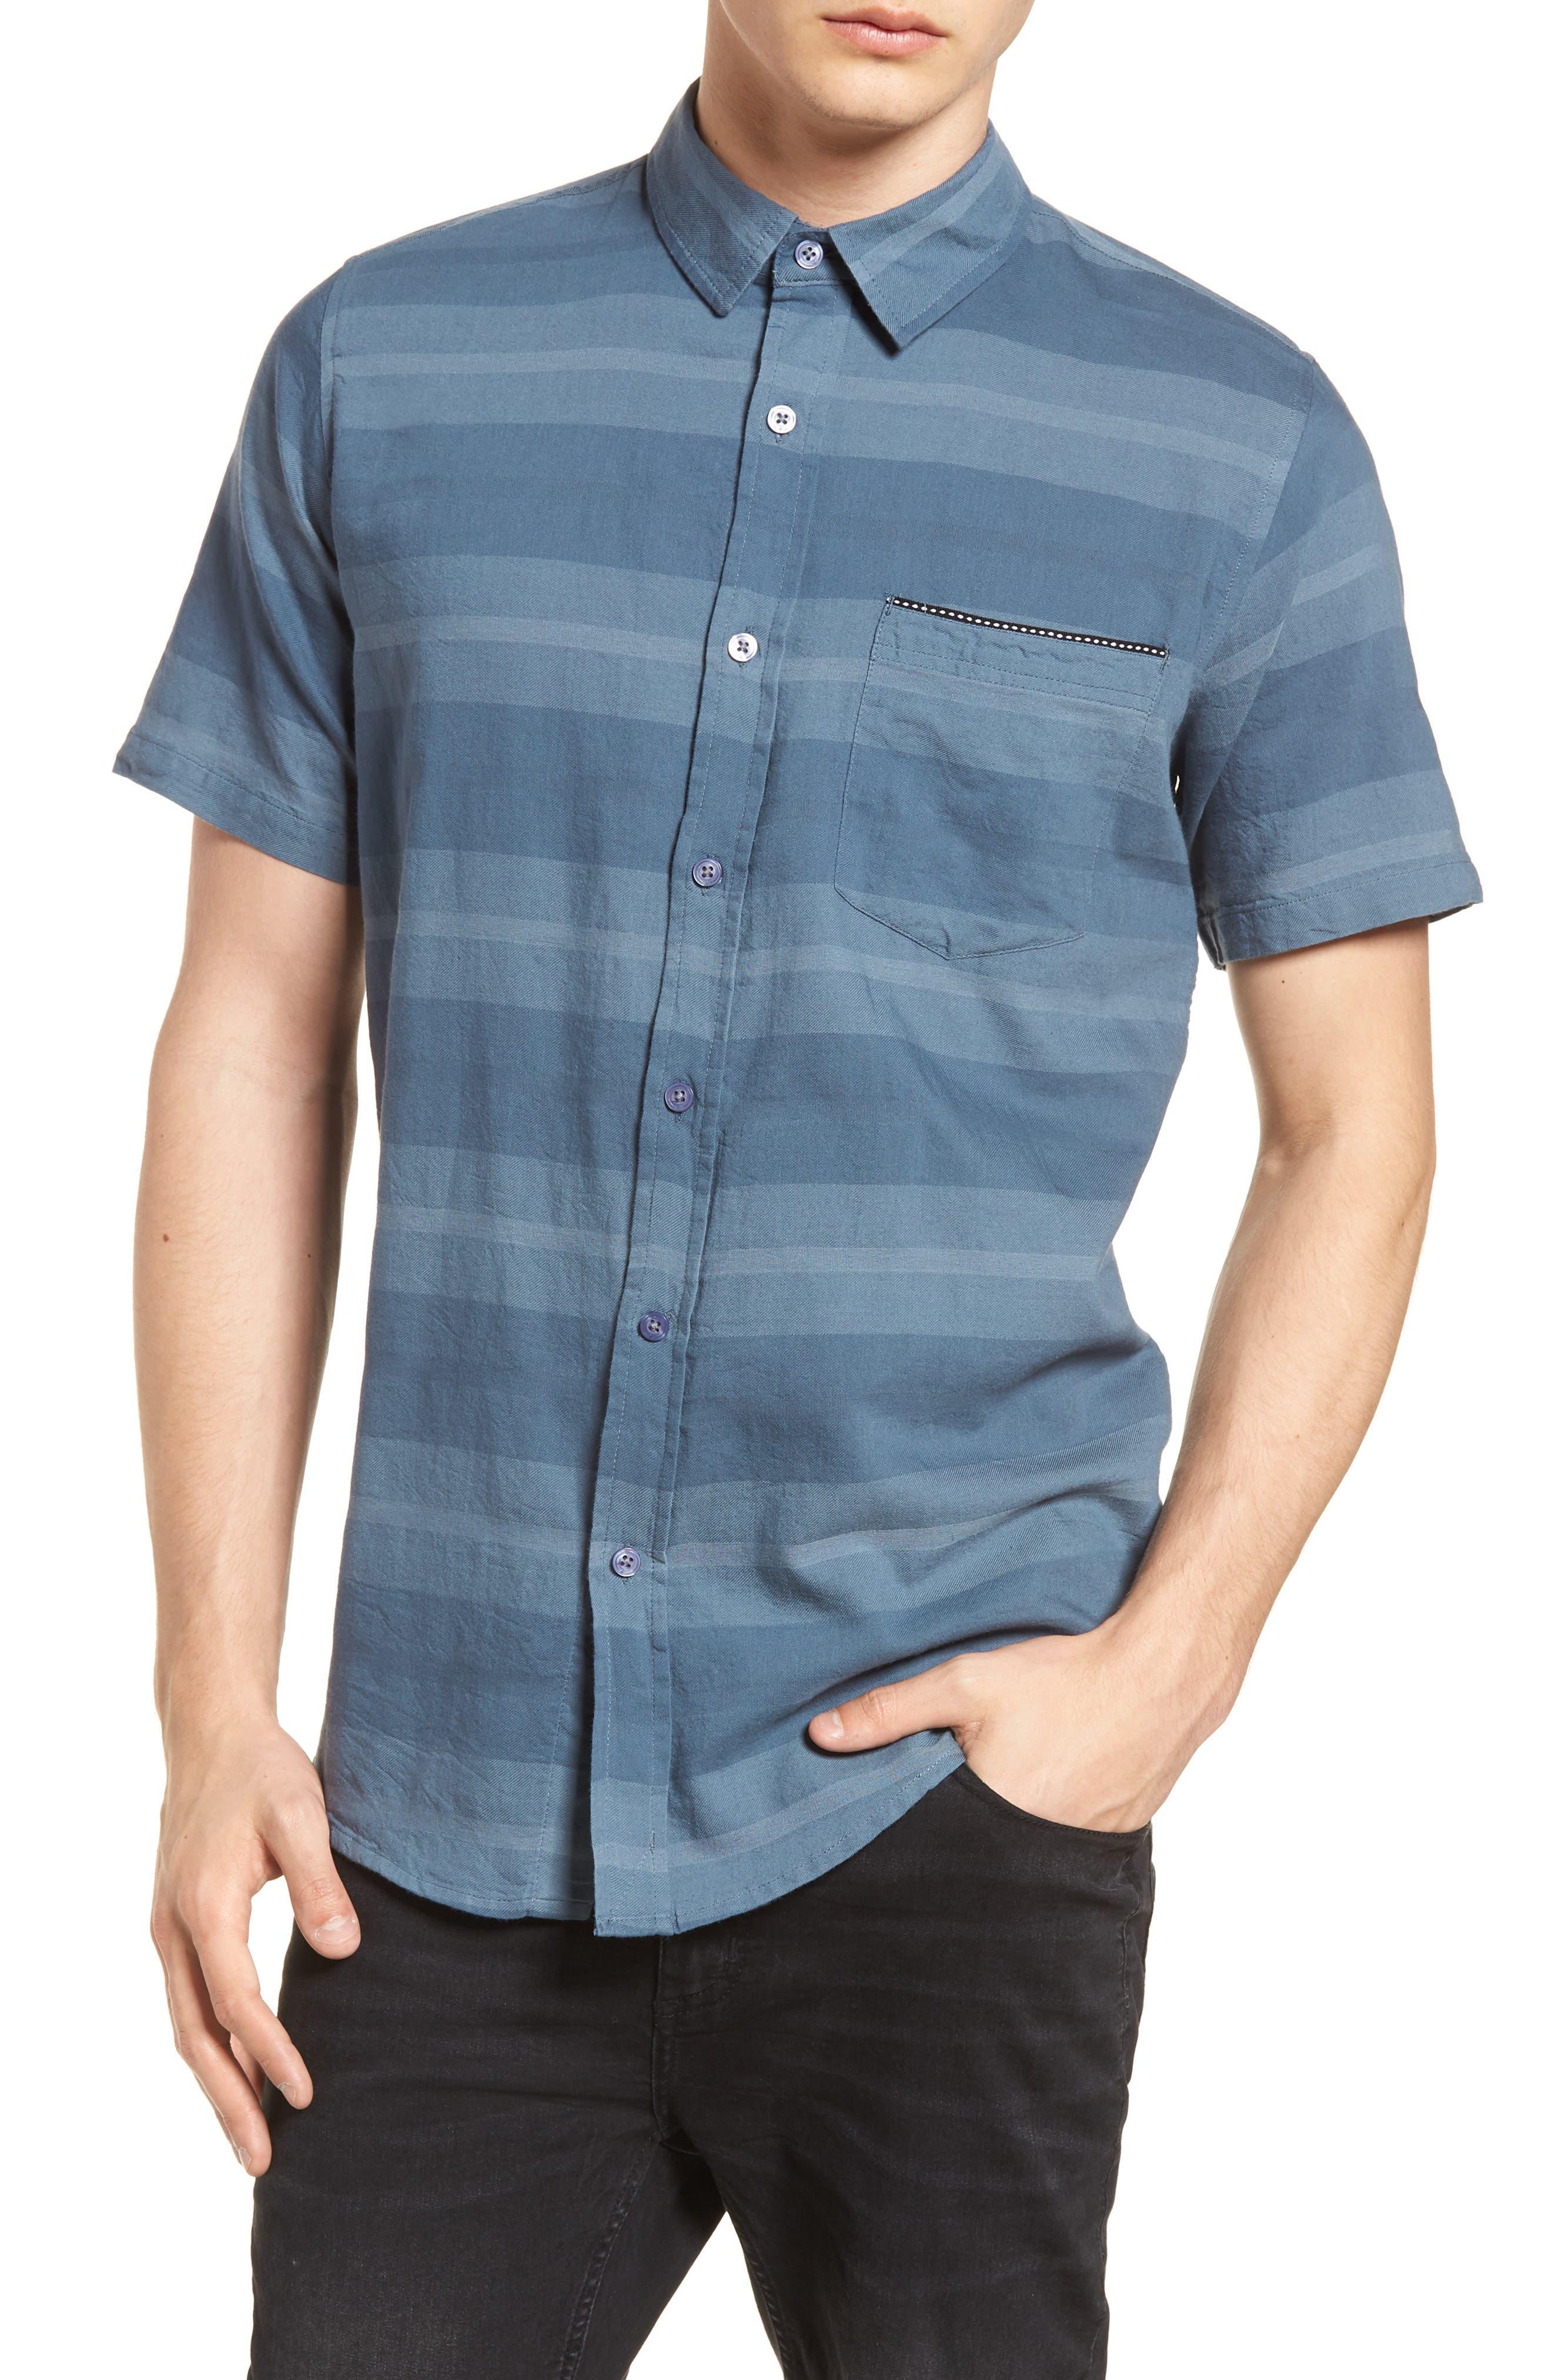 Dobson Woven Shirt,                         Main,                         color, Storm Blue/Prison Blue Stripe